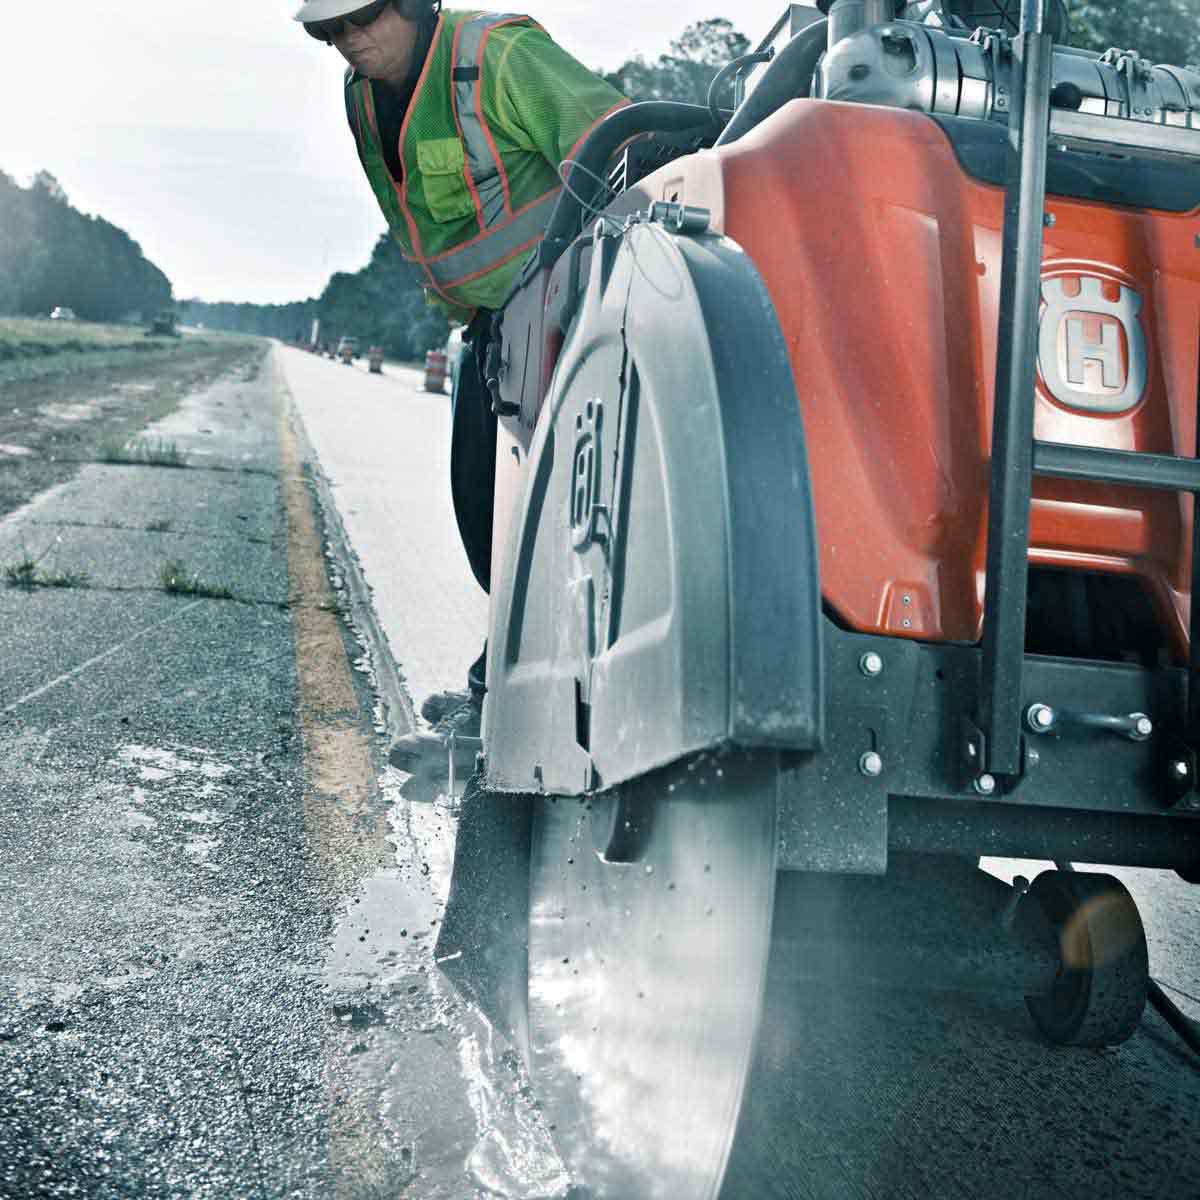 Husqvarna FS 7000 asphalt sawing